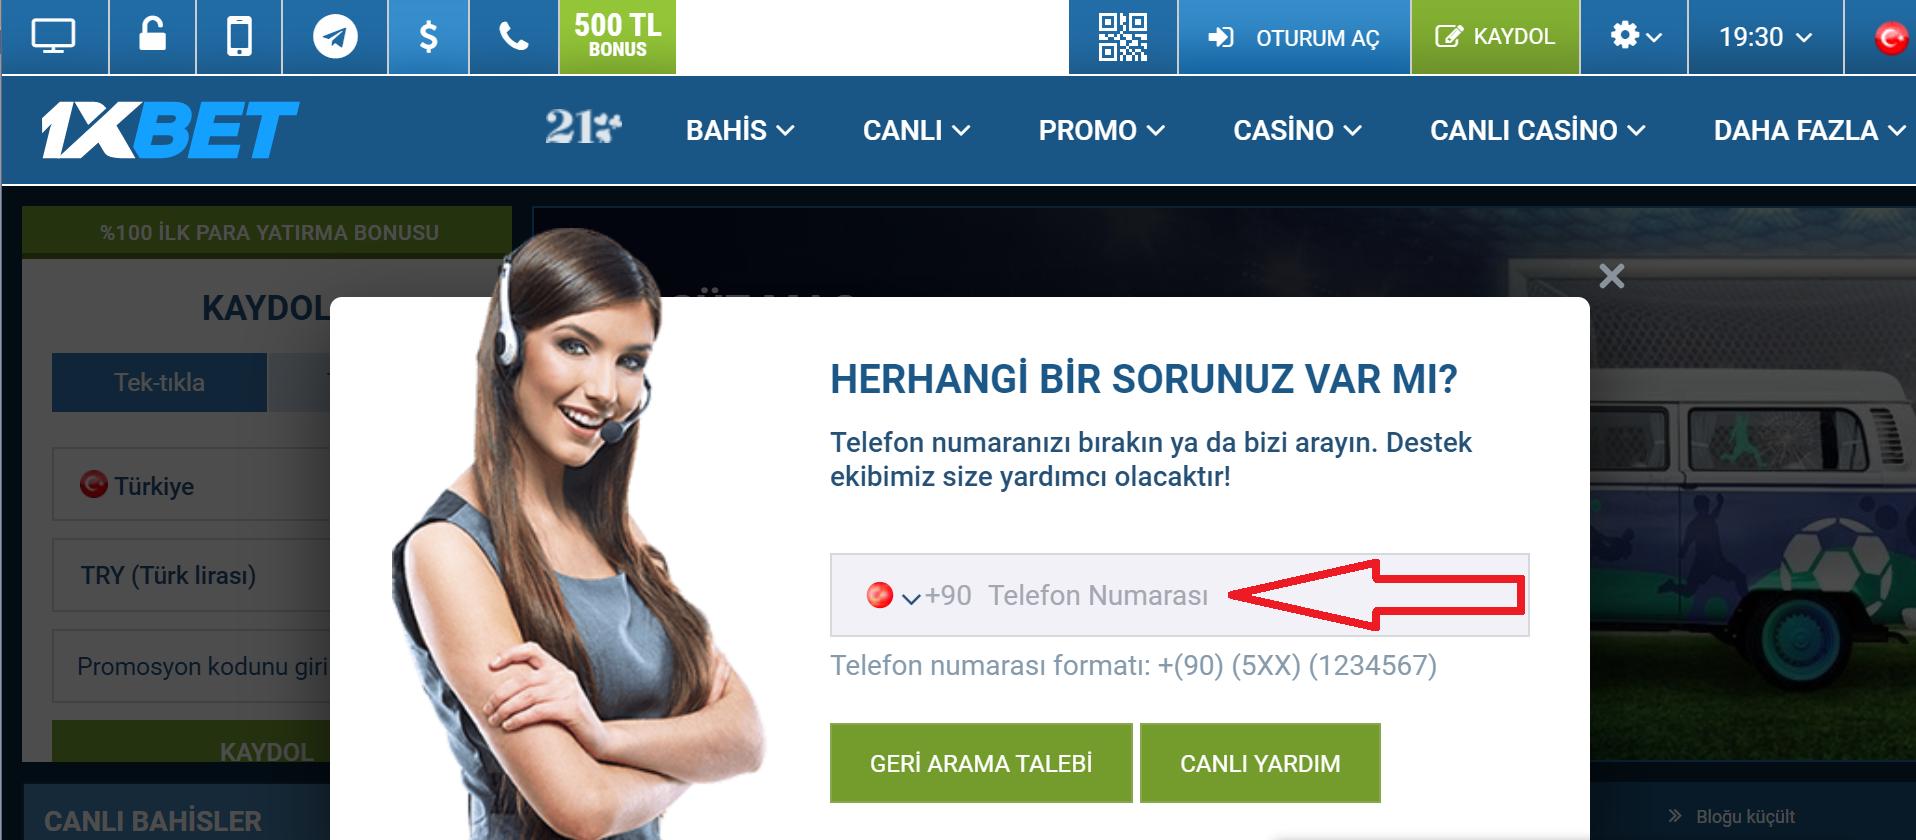 Tüm kullanıcılara verilen 1xBet Türkiye giriş ardından verilen bonus avantajları